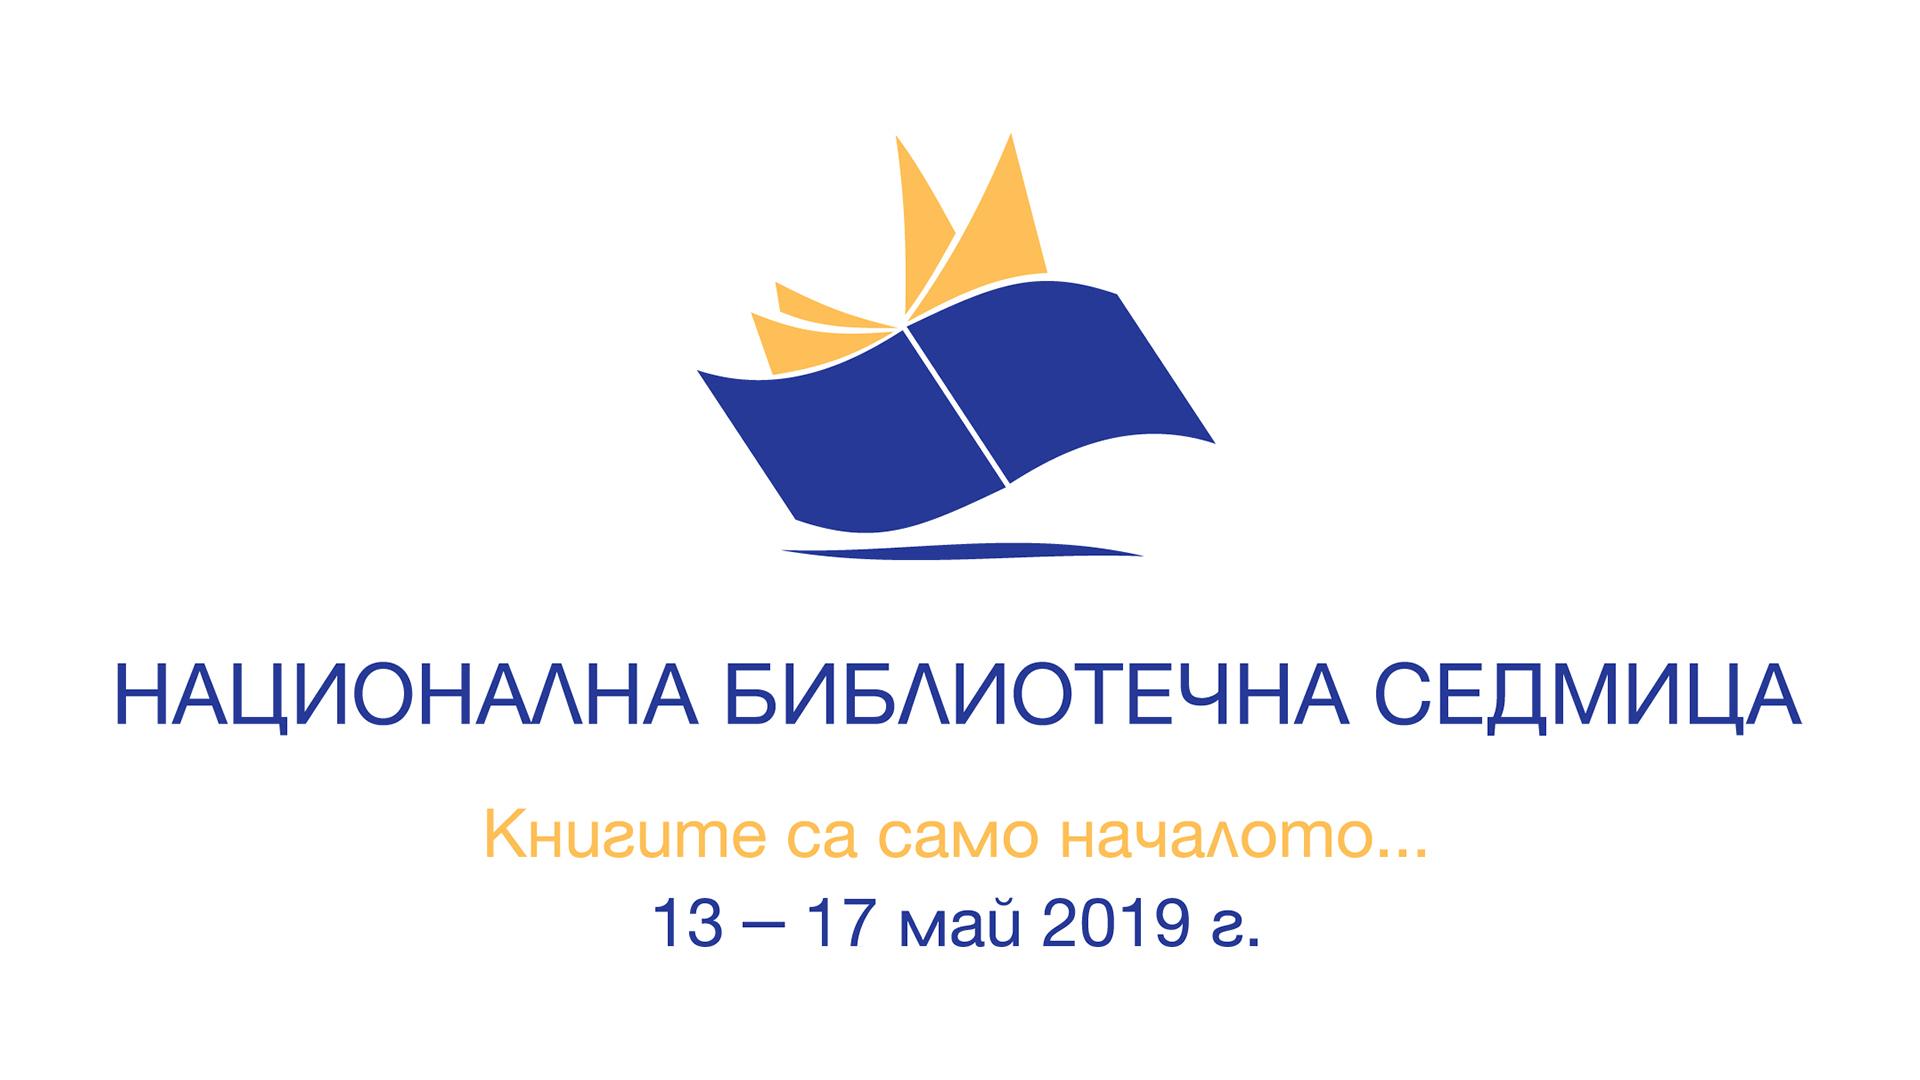 Национална библиотечна седмица 2019